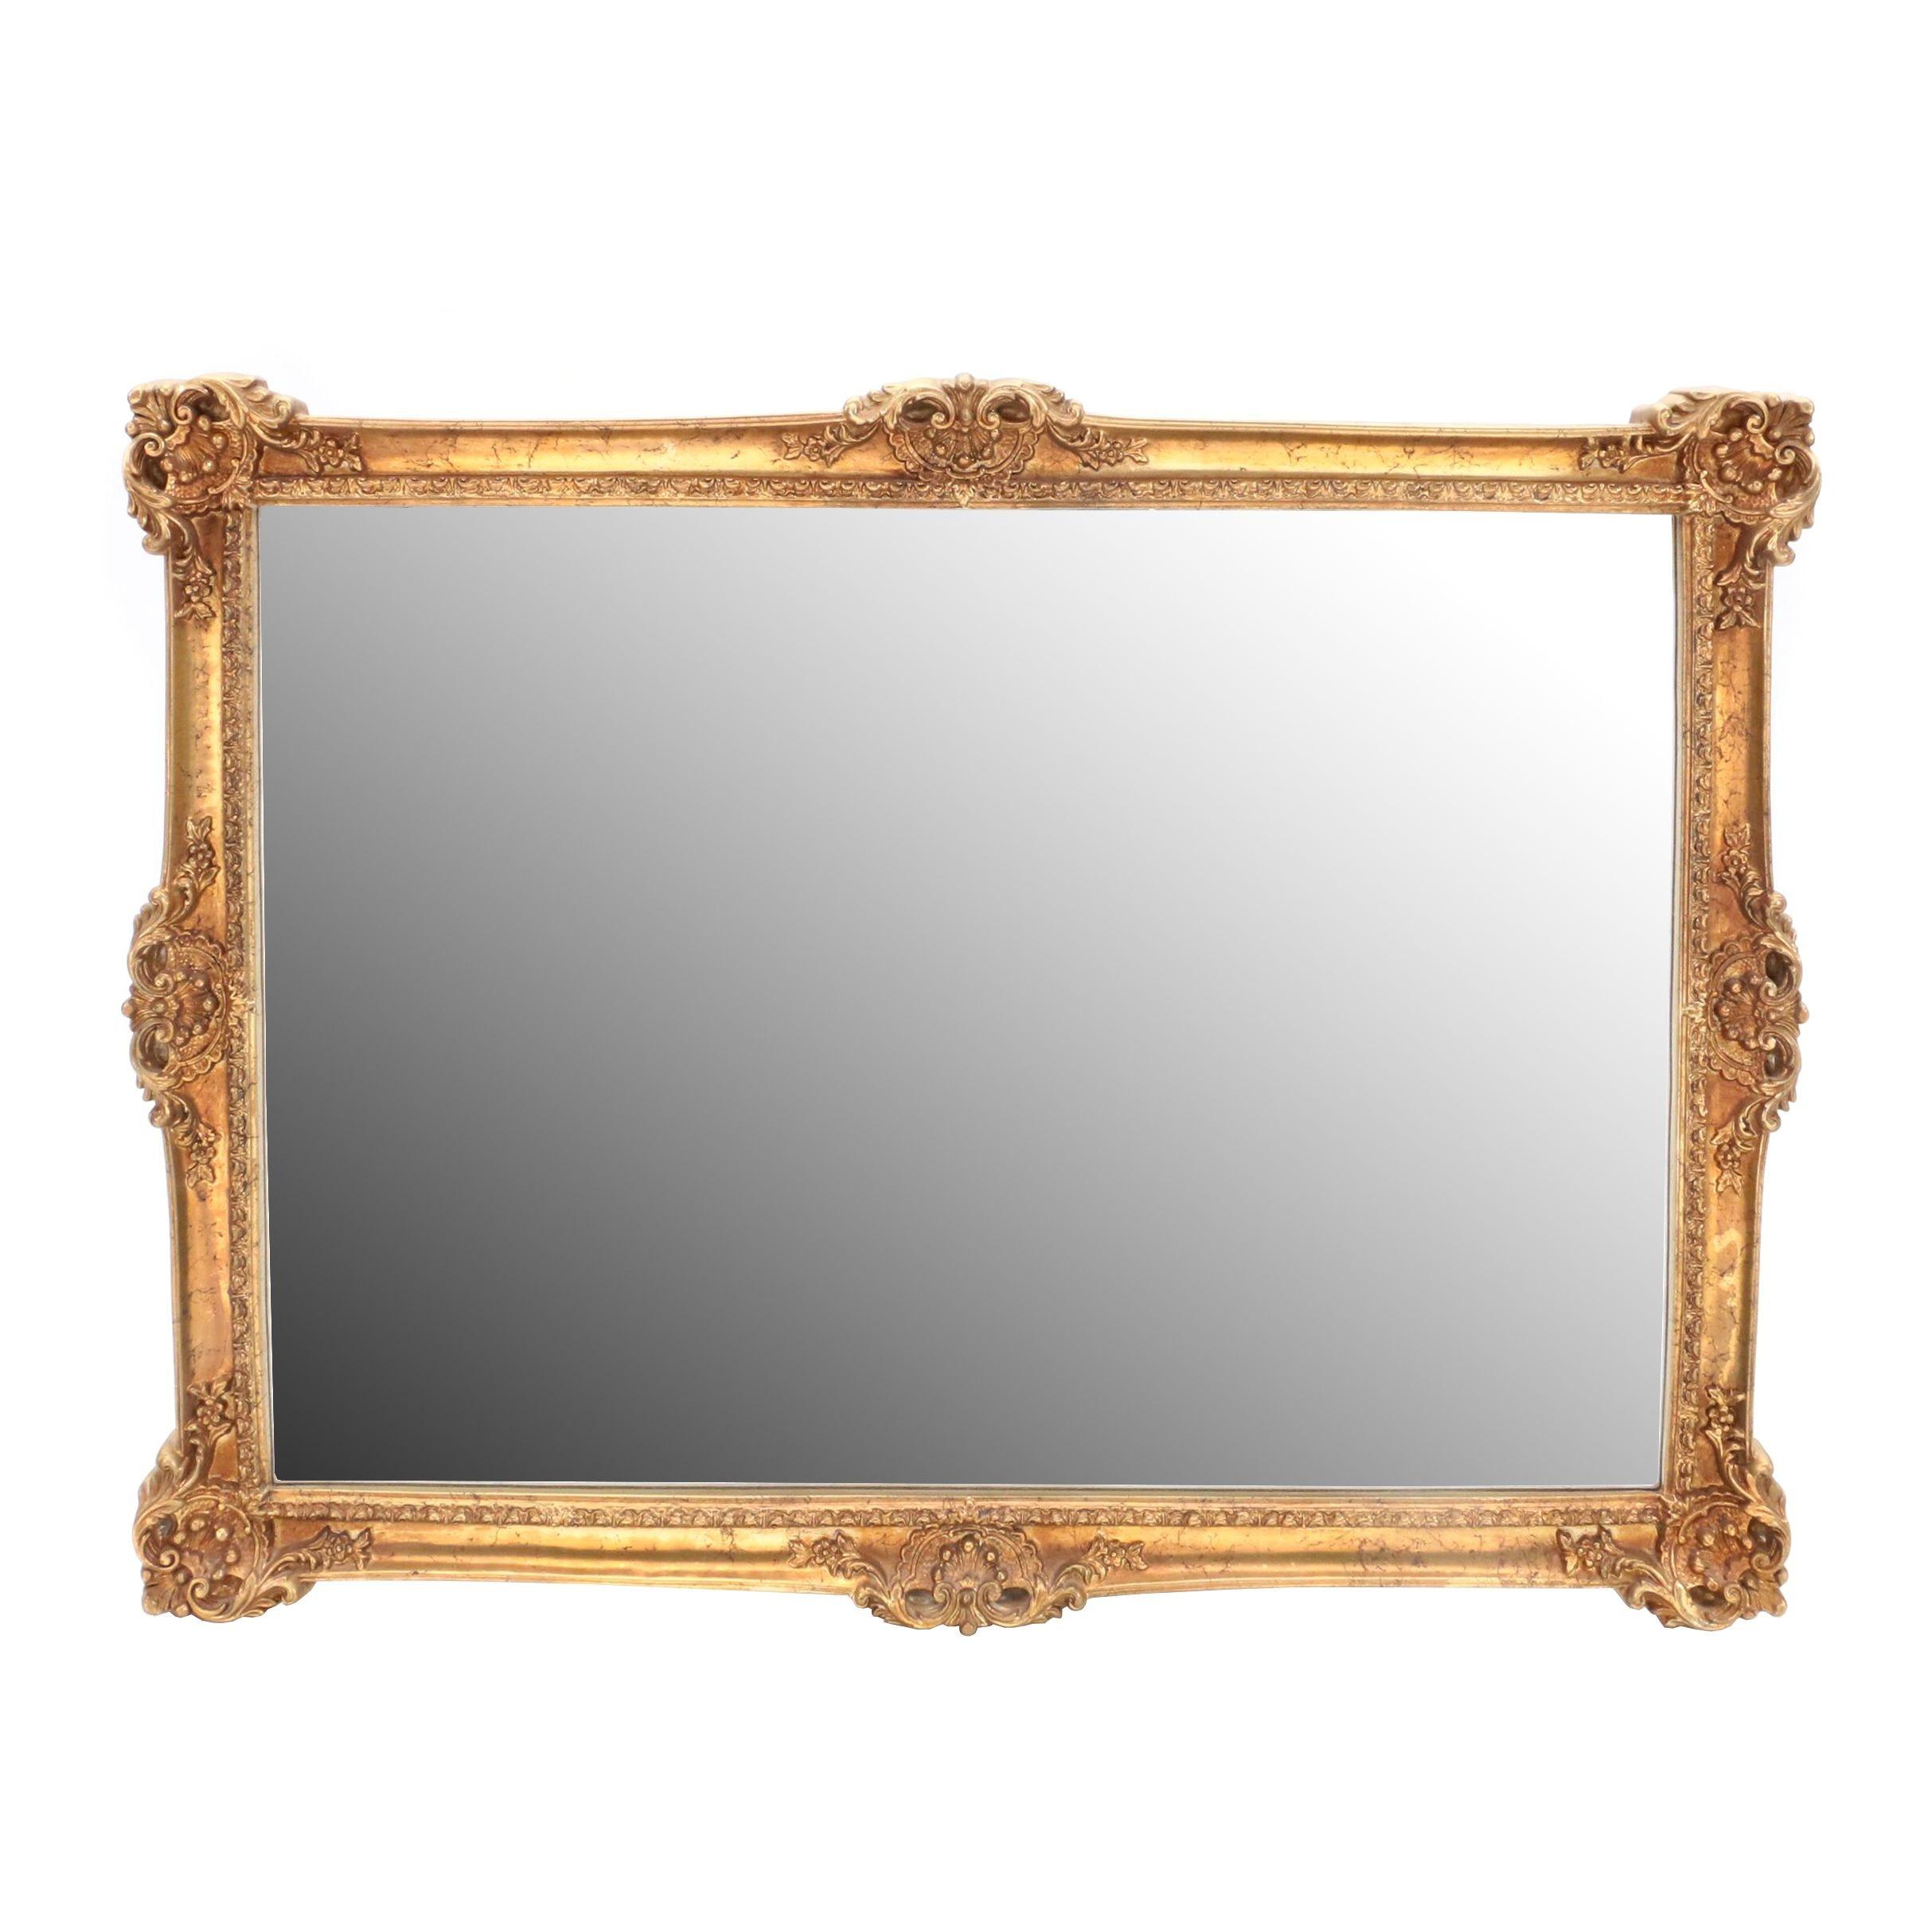 Carolina Company Wall Mirror with Molded Frame